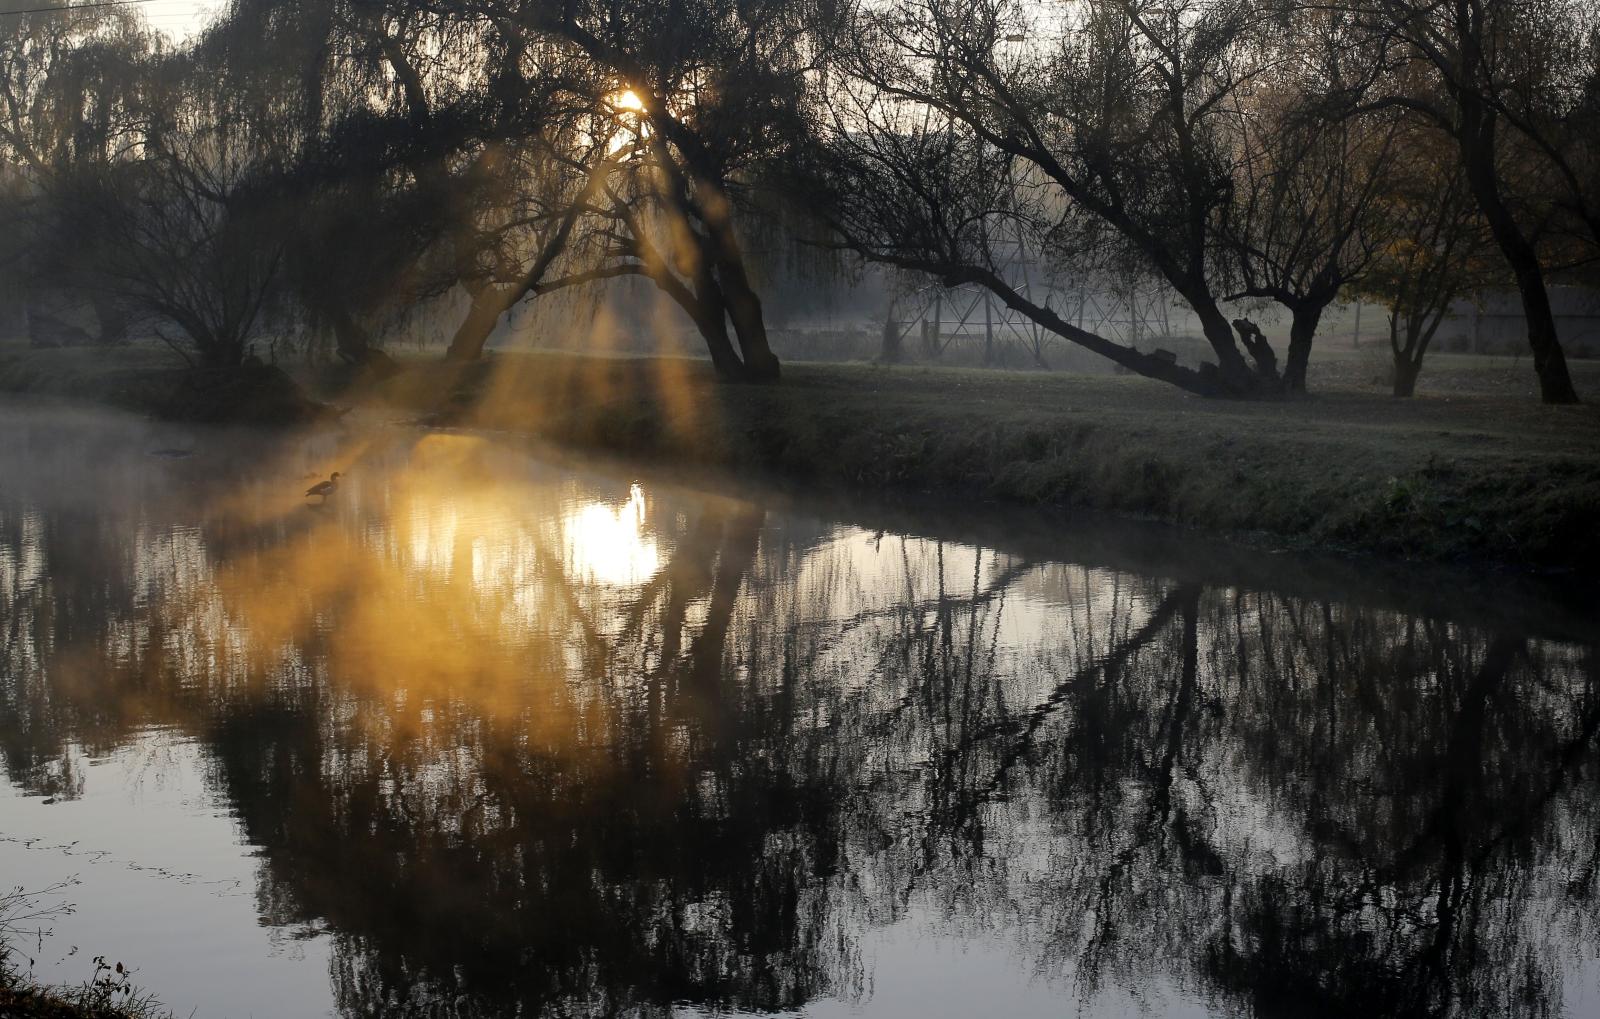 Drzewa odbijają się w najdłuższym w Południowej Afryce strumieniu nazywanym w języku afrikaans Braamfontein Spruit, czyli Wiosna Cierni.